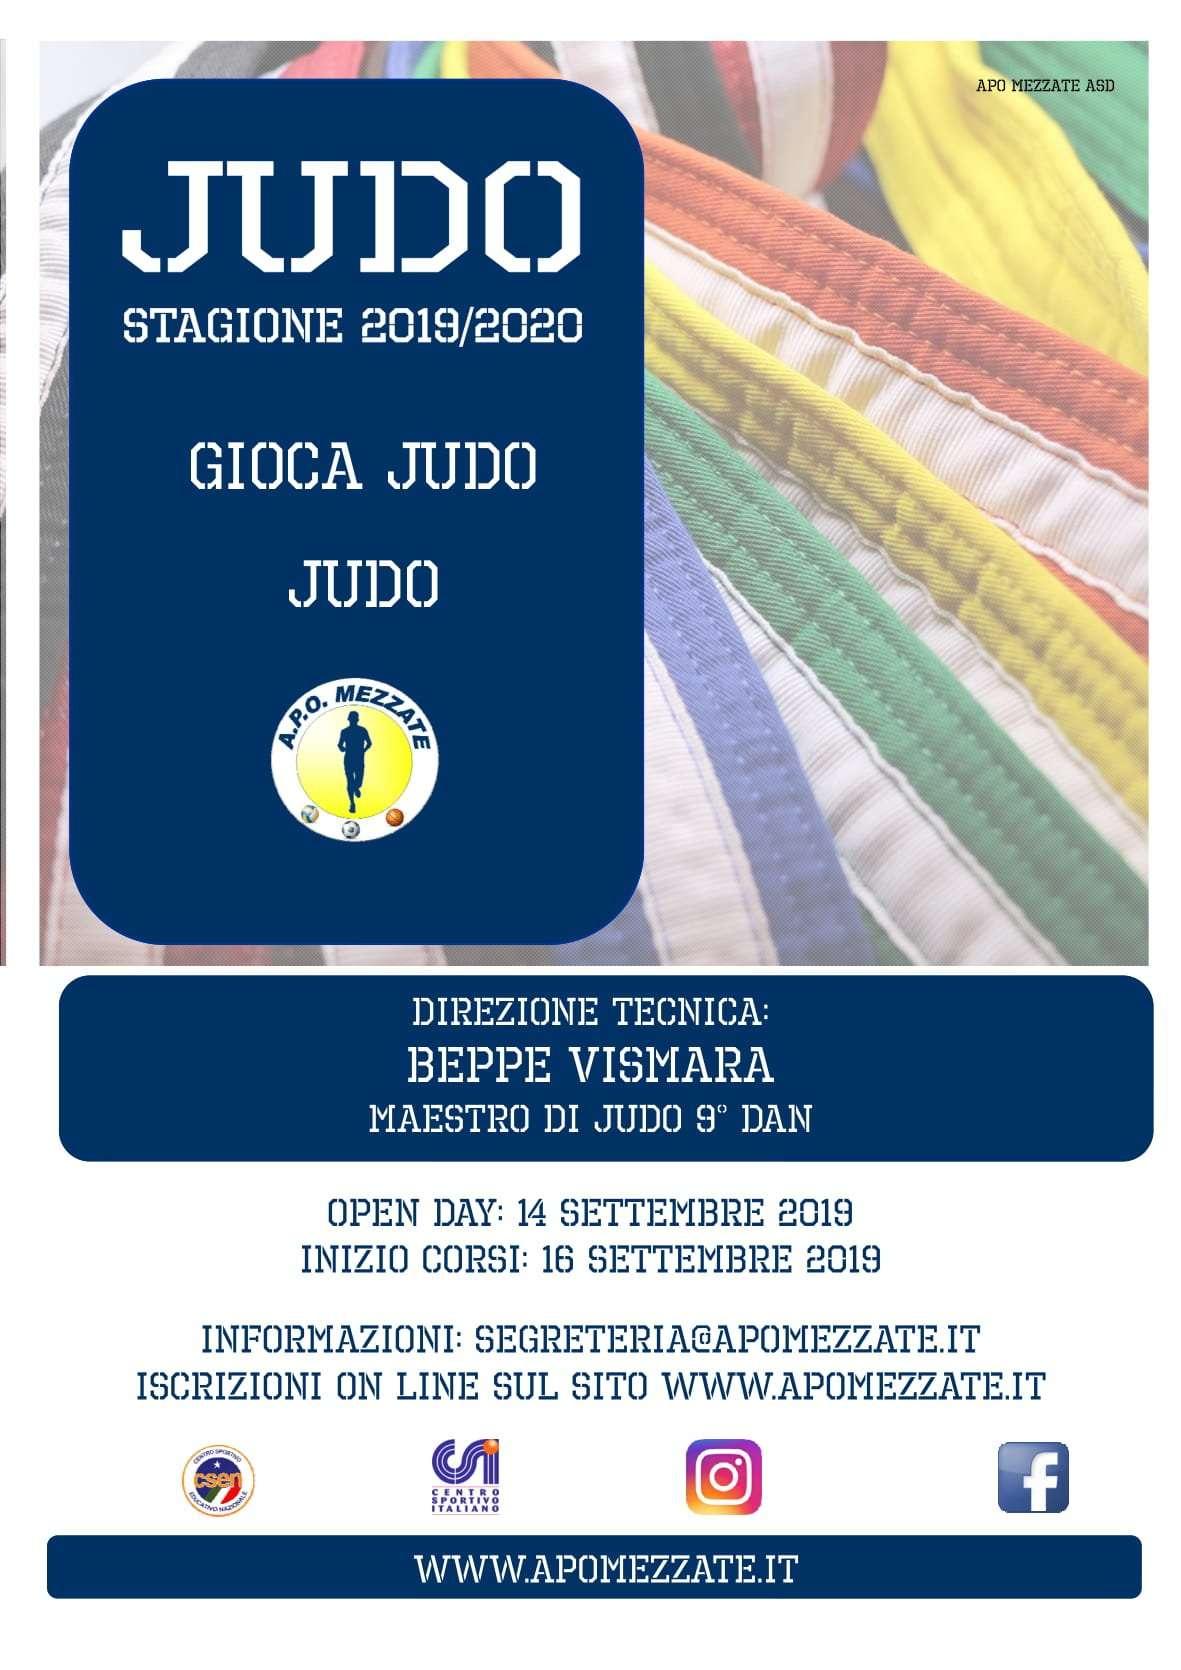 Judo e Karate - APO - Scuola Materna Peschiera Borromeo